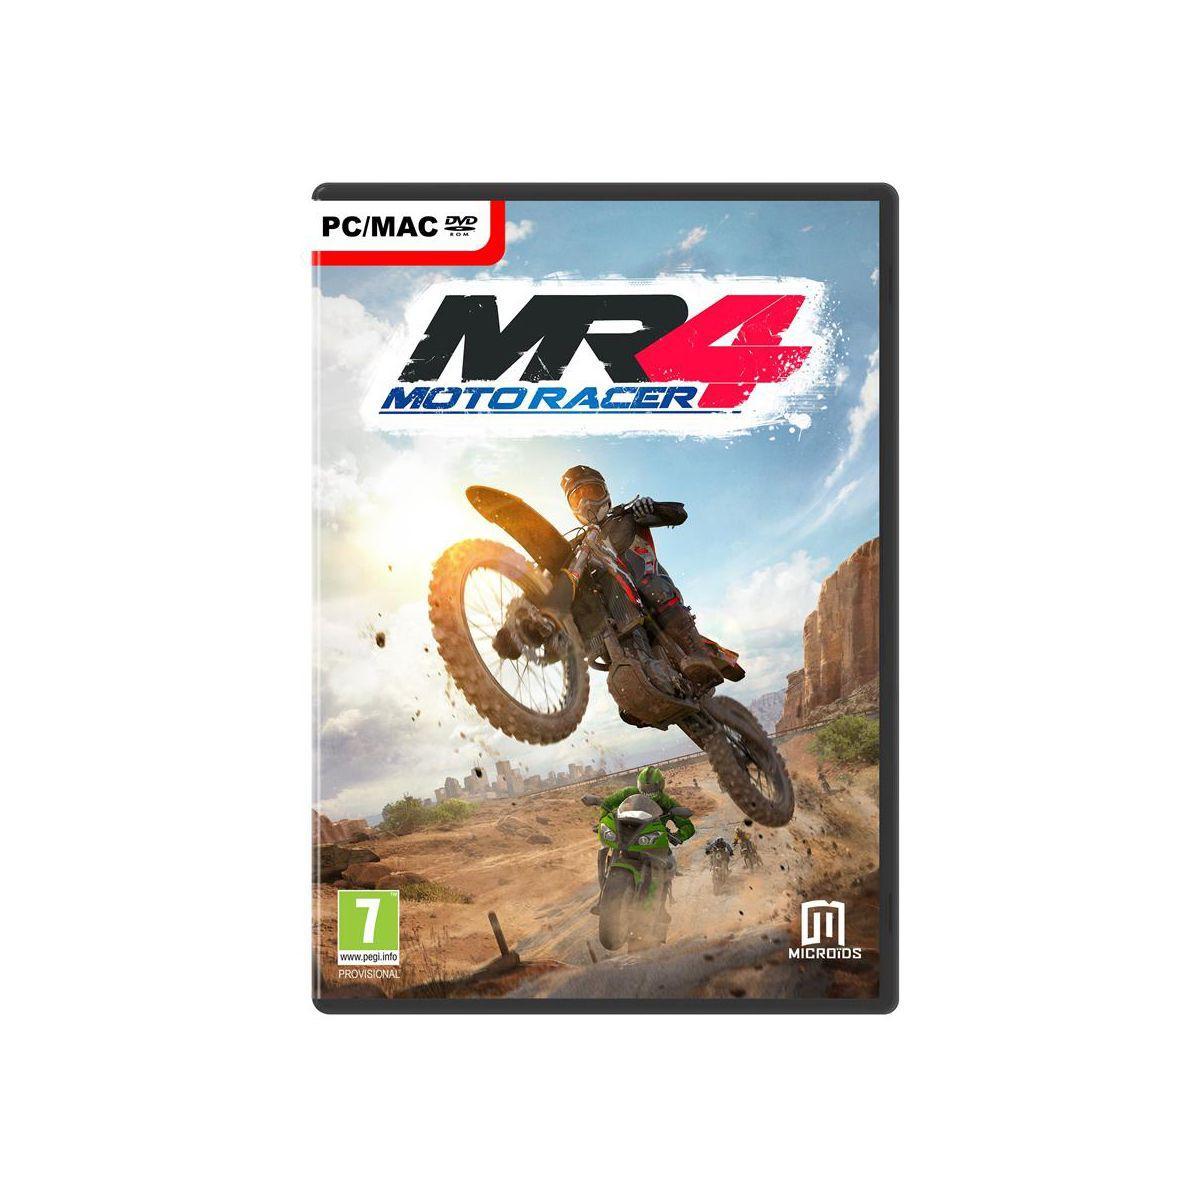 Jeu pc just for games motor racer 4 - 3% de remise immédiate avec le code : multi3 (photo)